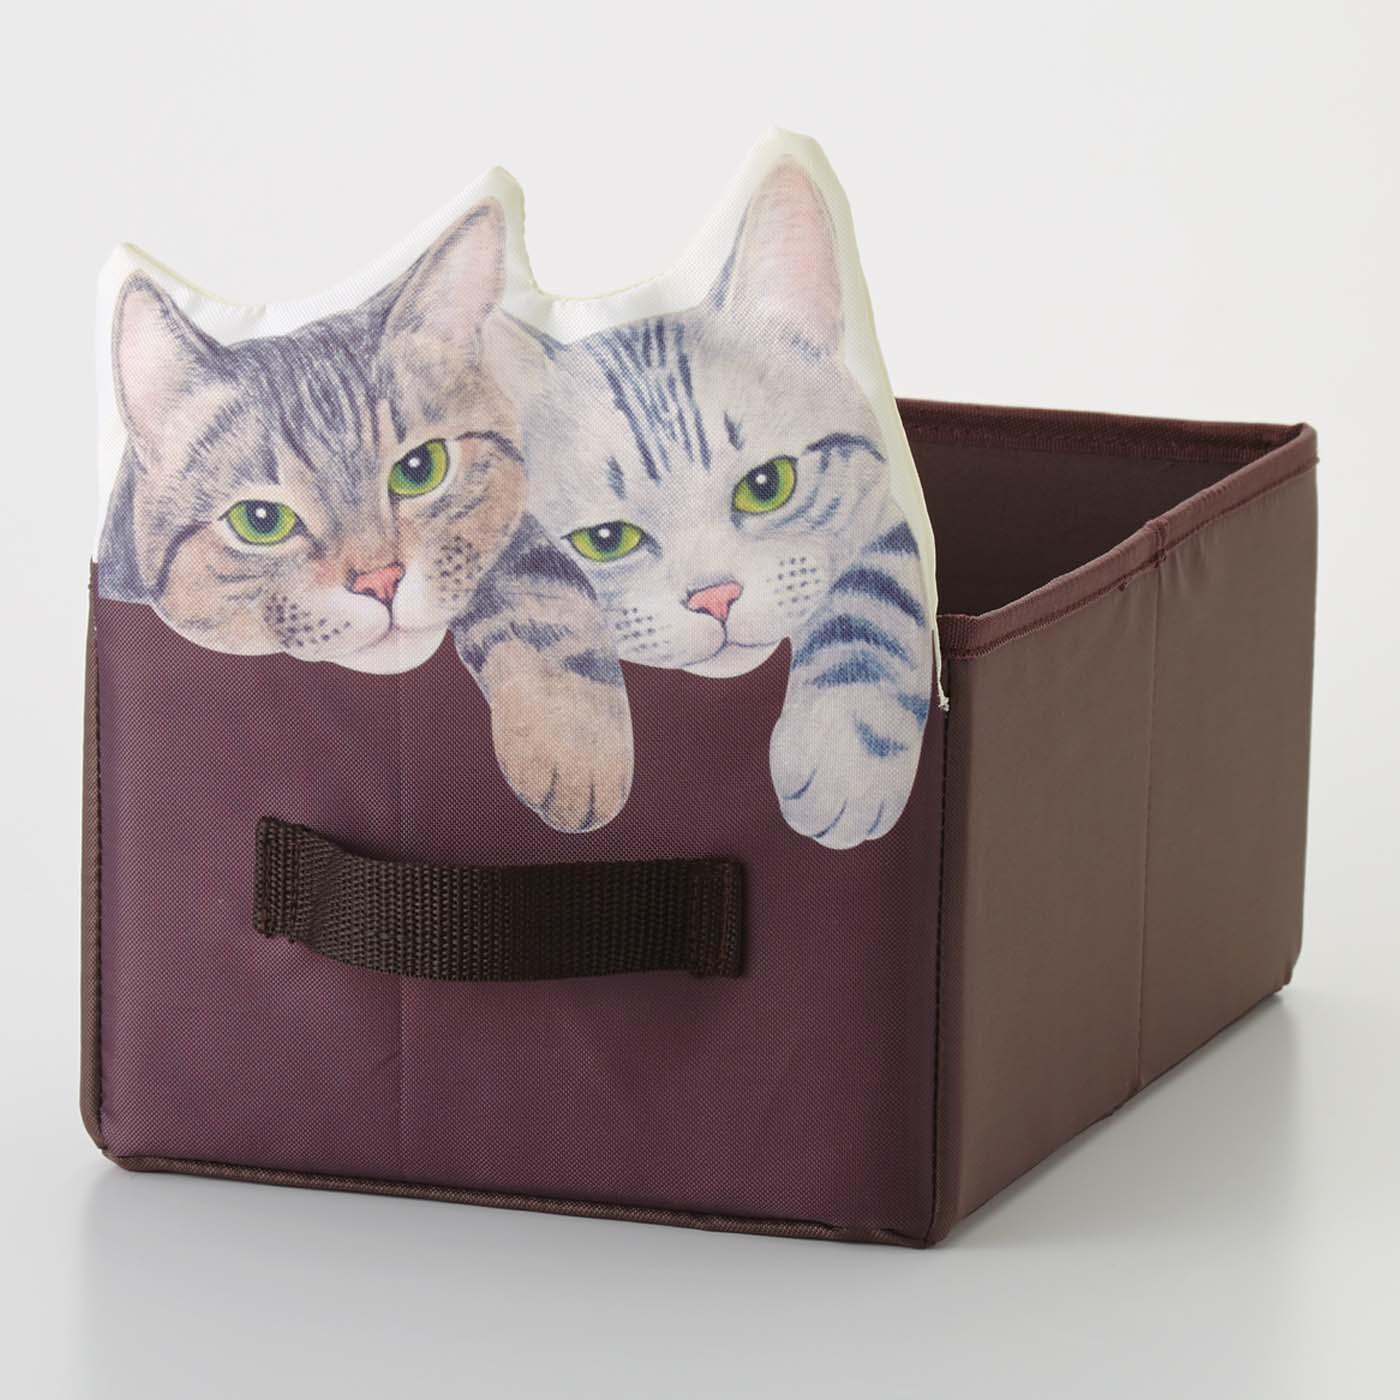 YOU+MORE! 棚が猫まみれになる 箱からのぞく猫収納ボックスの会